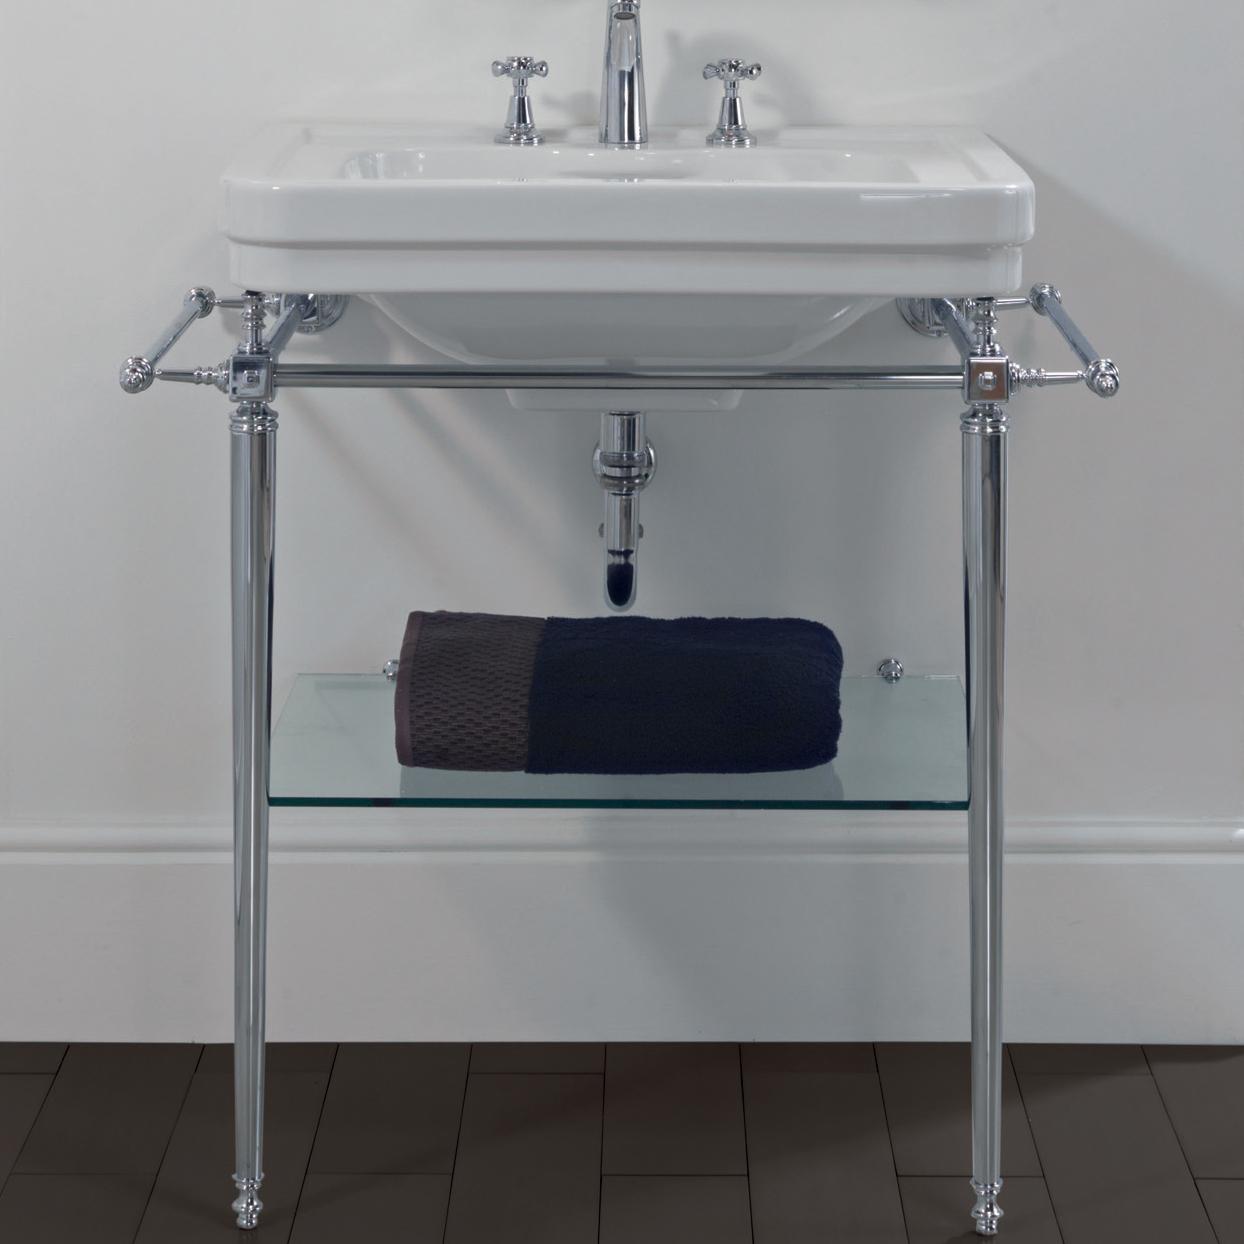 Inredning tvättställ med pelare : Imperial Bathroom Chelsea StÃ¥lställning 20-ZXBS3800 – Corex AB